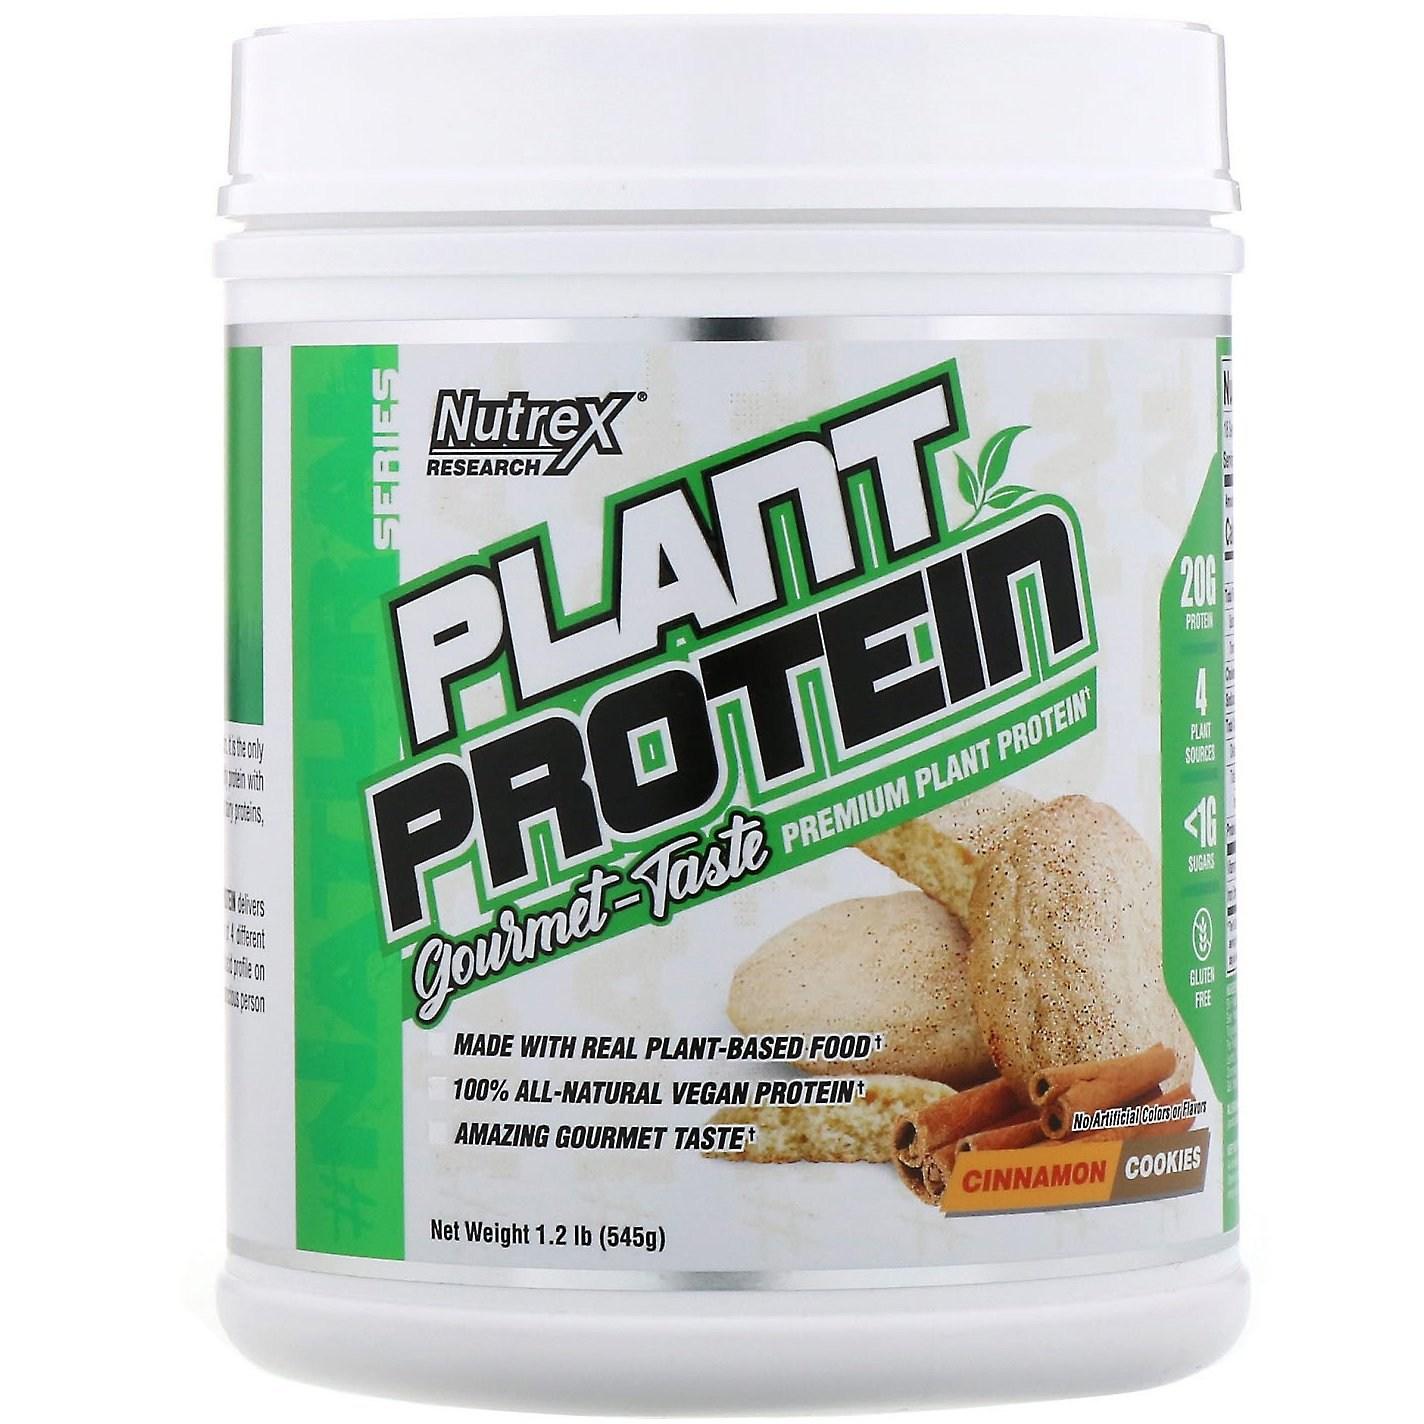 뉴트렉스리서치랩 네추럴 시리즈 식물성 프로틴 시나몬 쿠키 545g 단백질, 1개, -